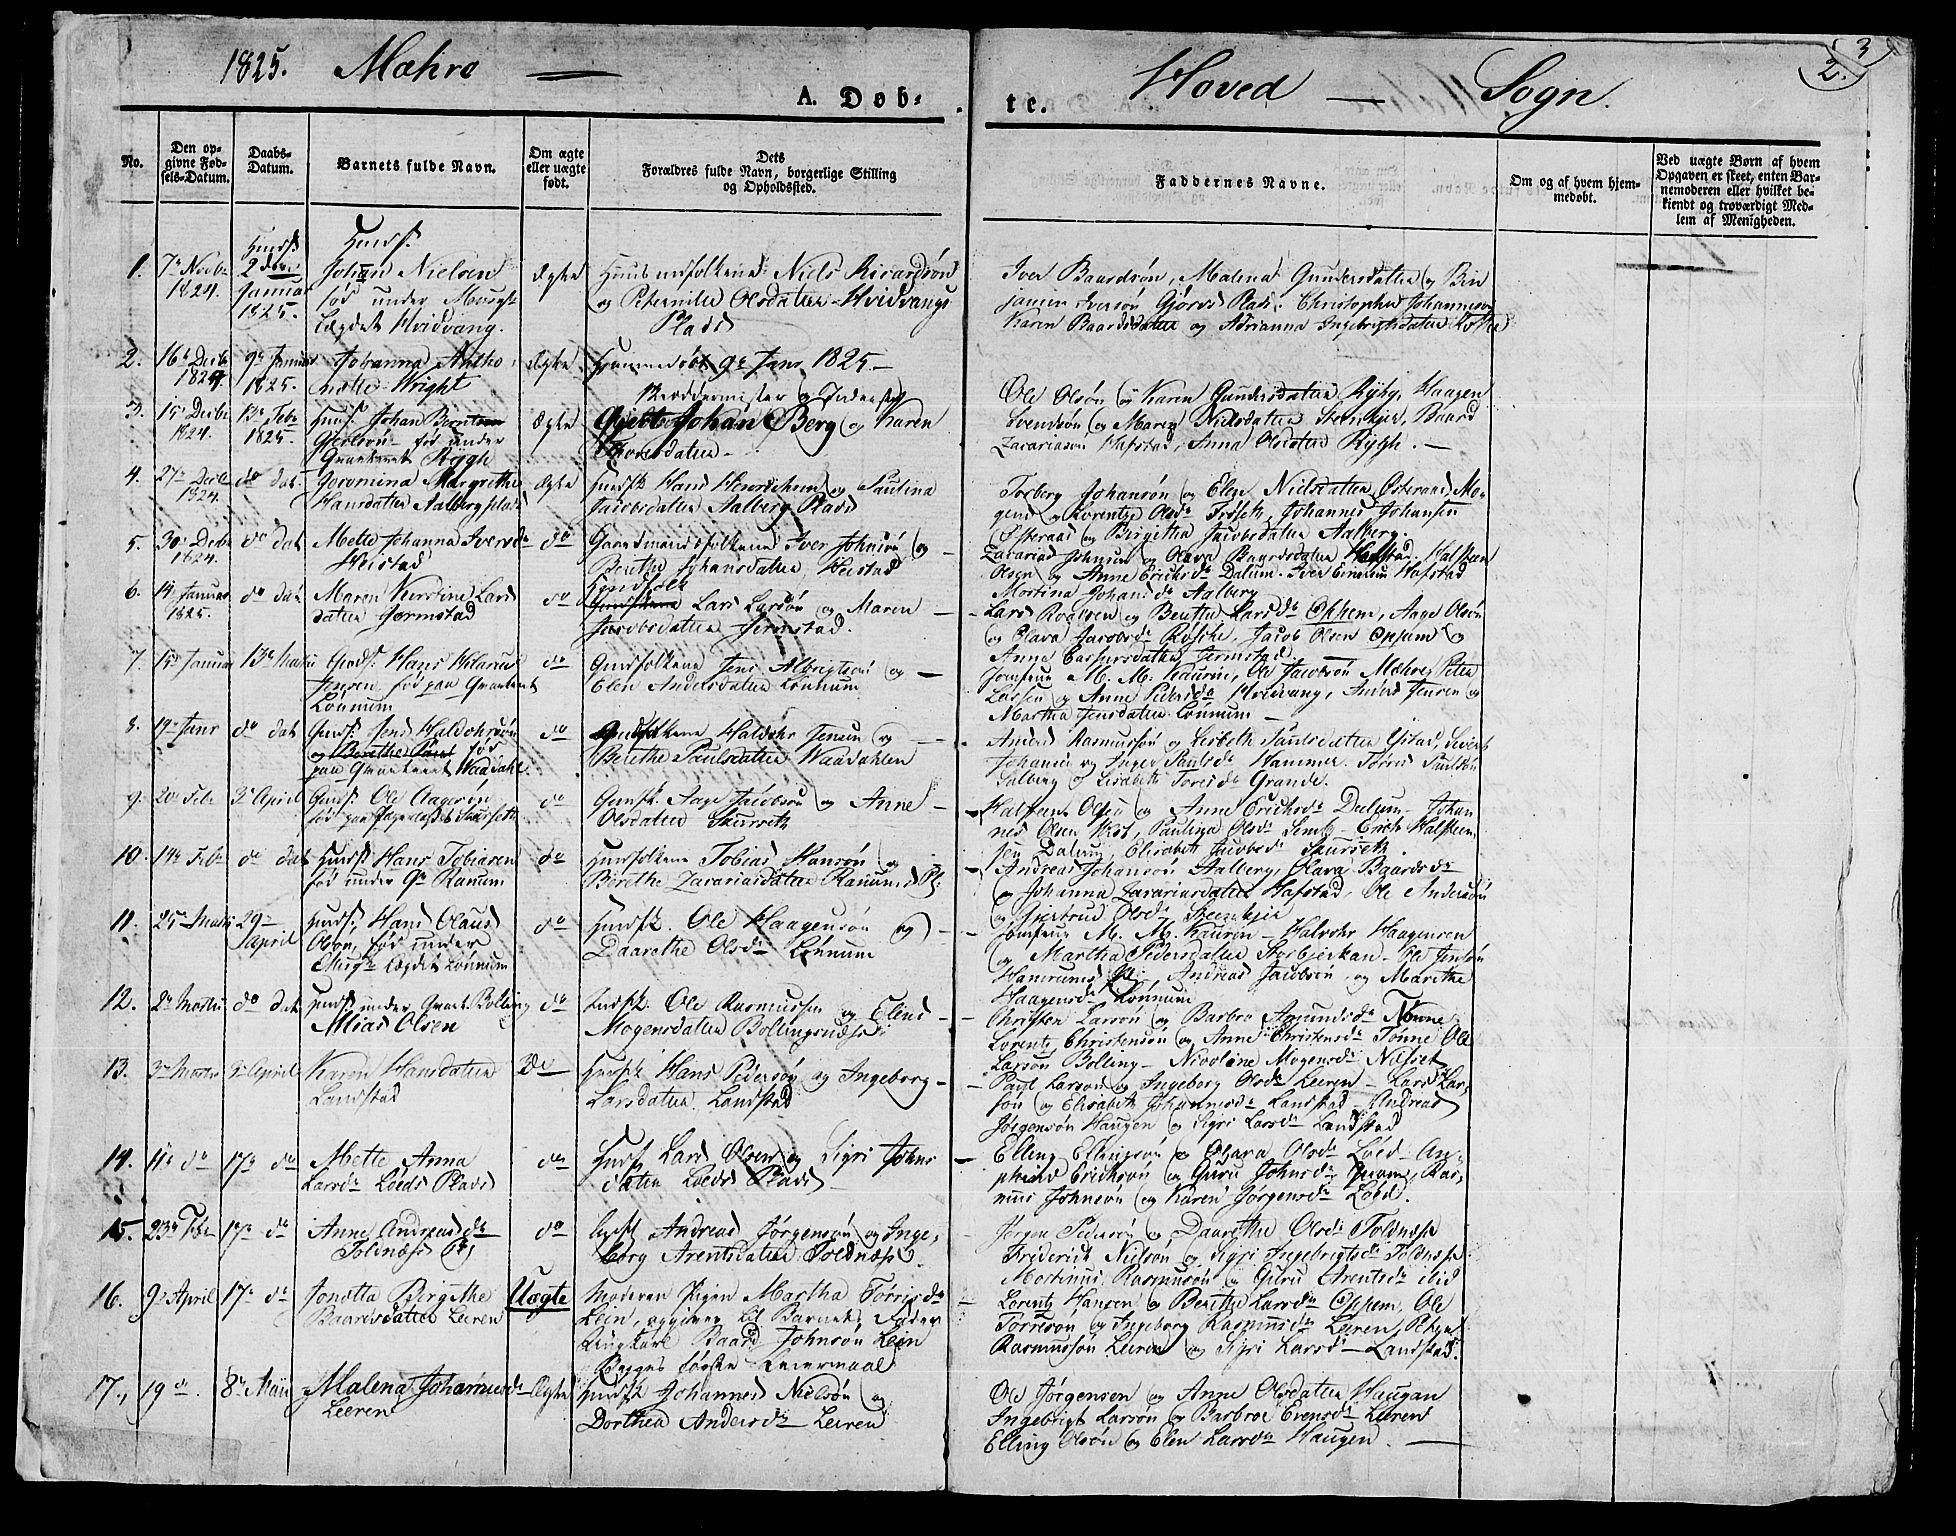 SAT, Ministerialprotokoller, klokkerbøker og fødselsregistre - Nord-Trøndelag, 735/L0336: Ministerialbok nr. 735A05 /1, 1825-1835, s. 2